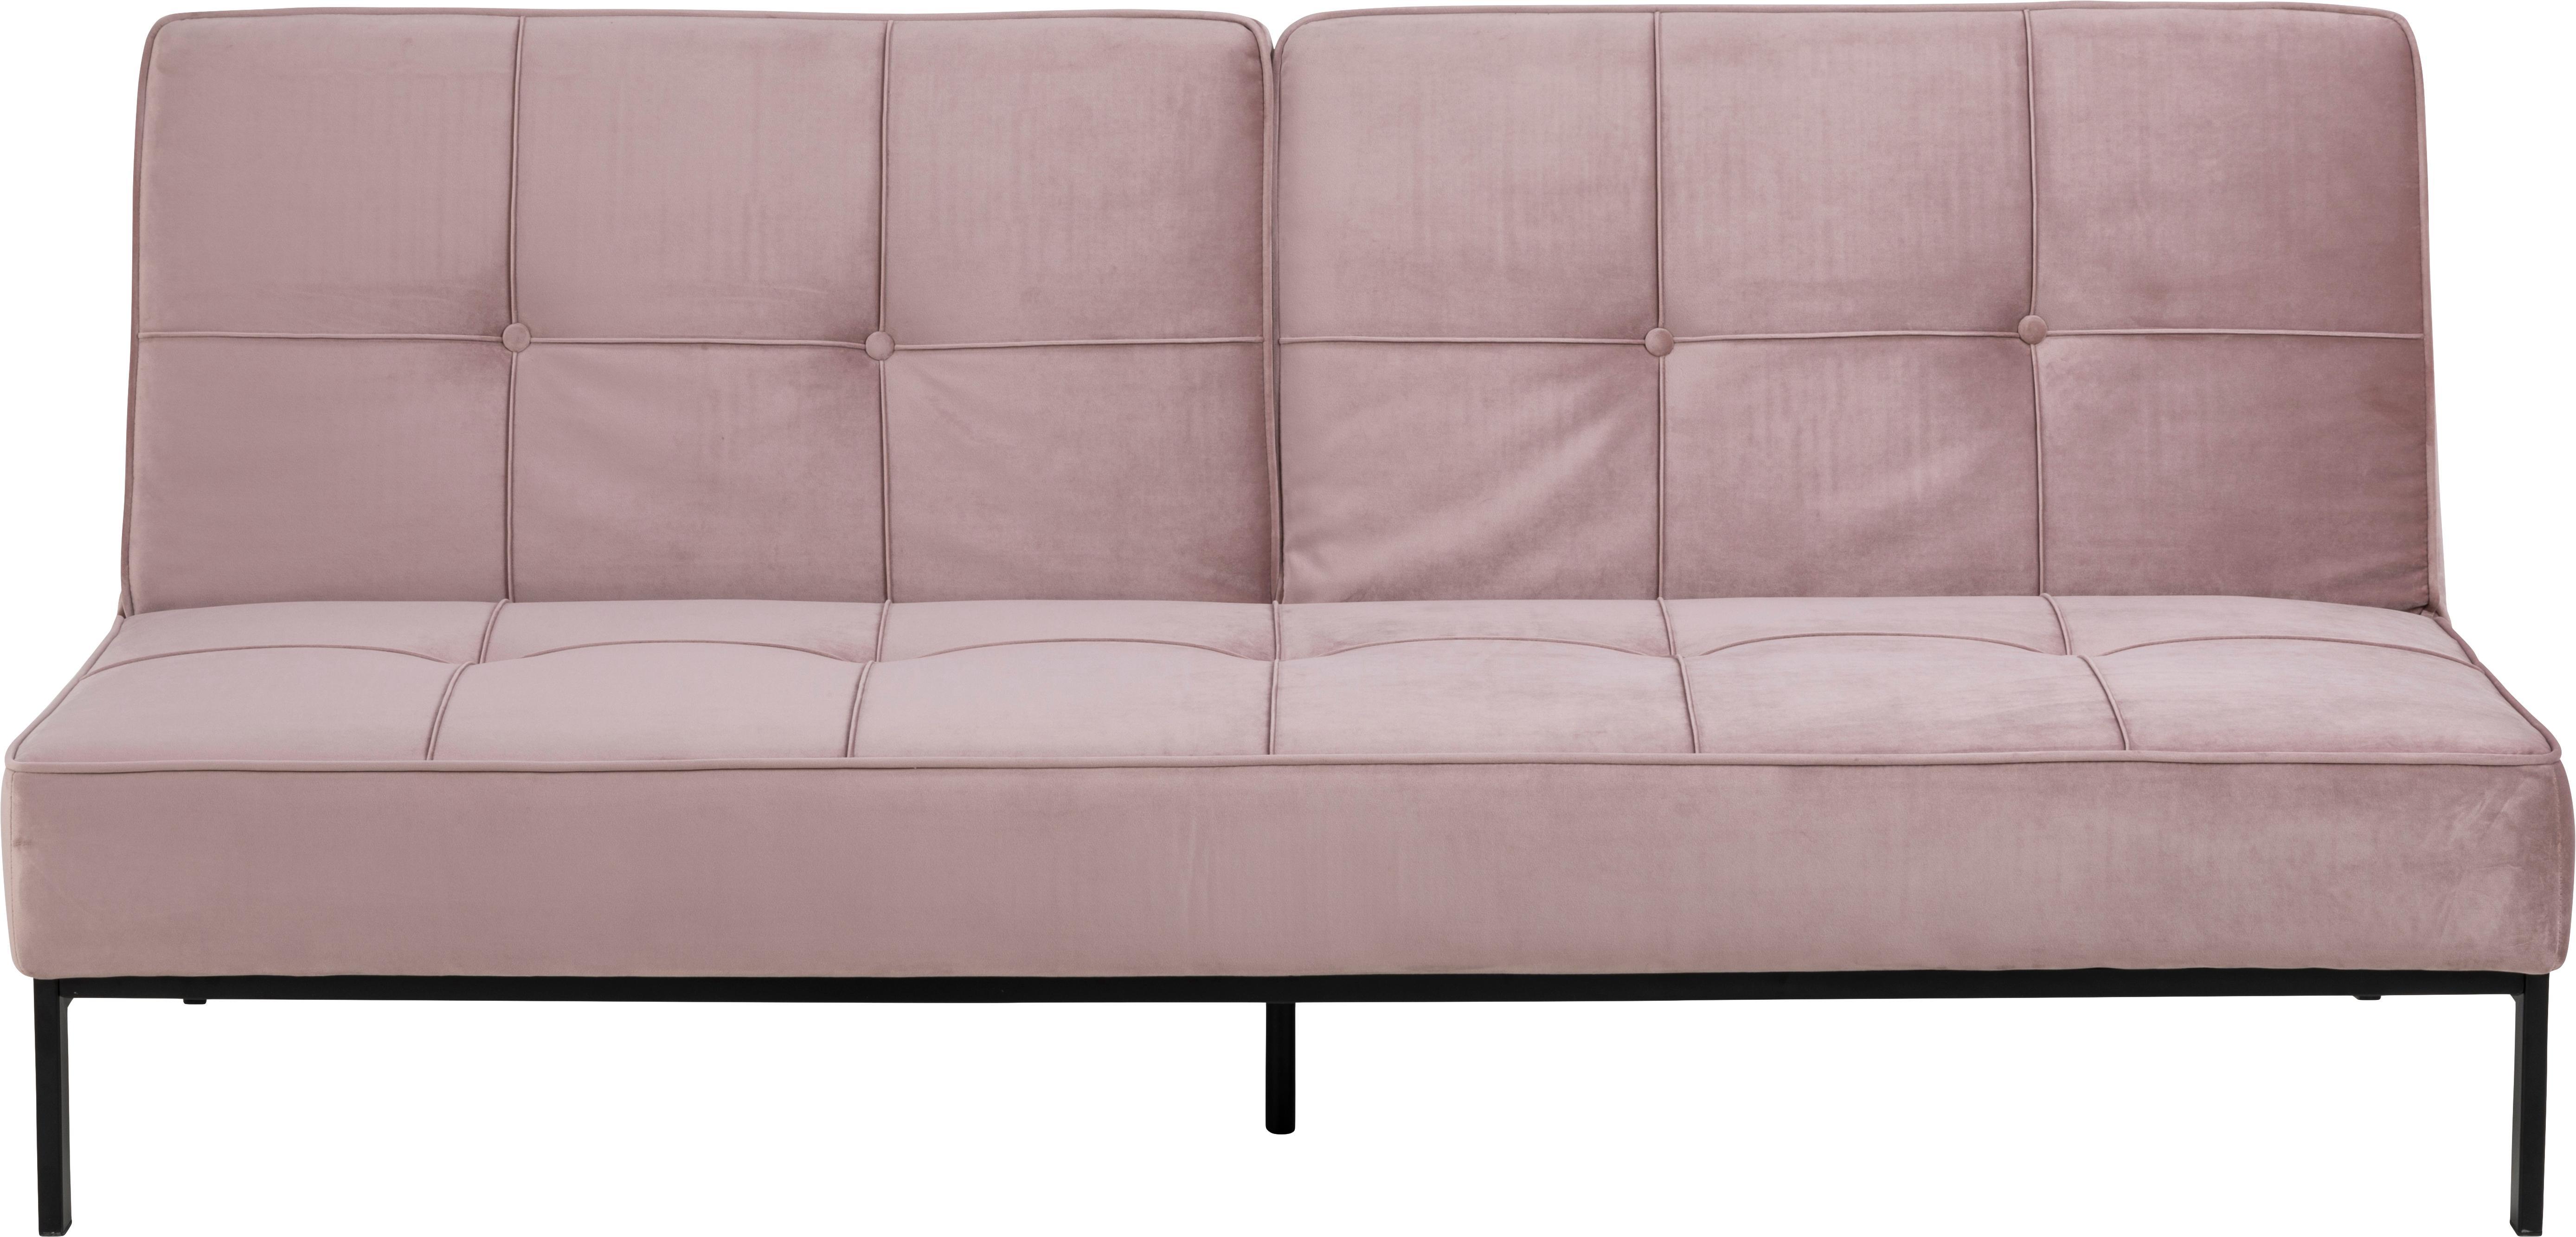 Samt-Schlafsofa Perugia, Bezug: Polyestersamt Der hochwer, Samt Rosa, B 198 x T 95 cm